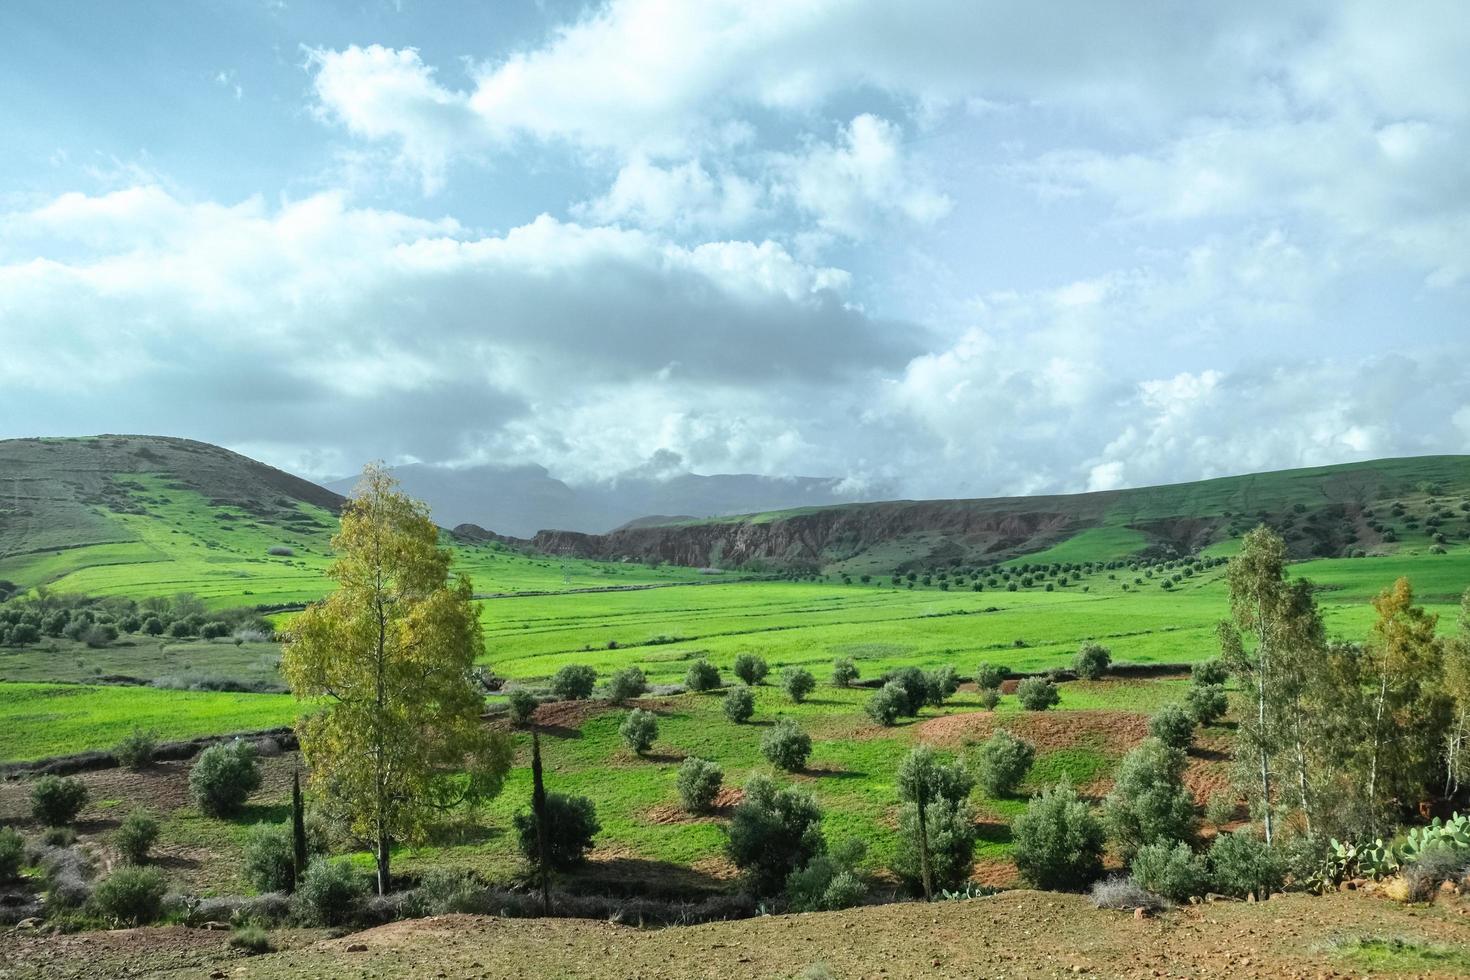 landskapsvy av landsbygdens gröda fält i Marocko foto